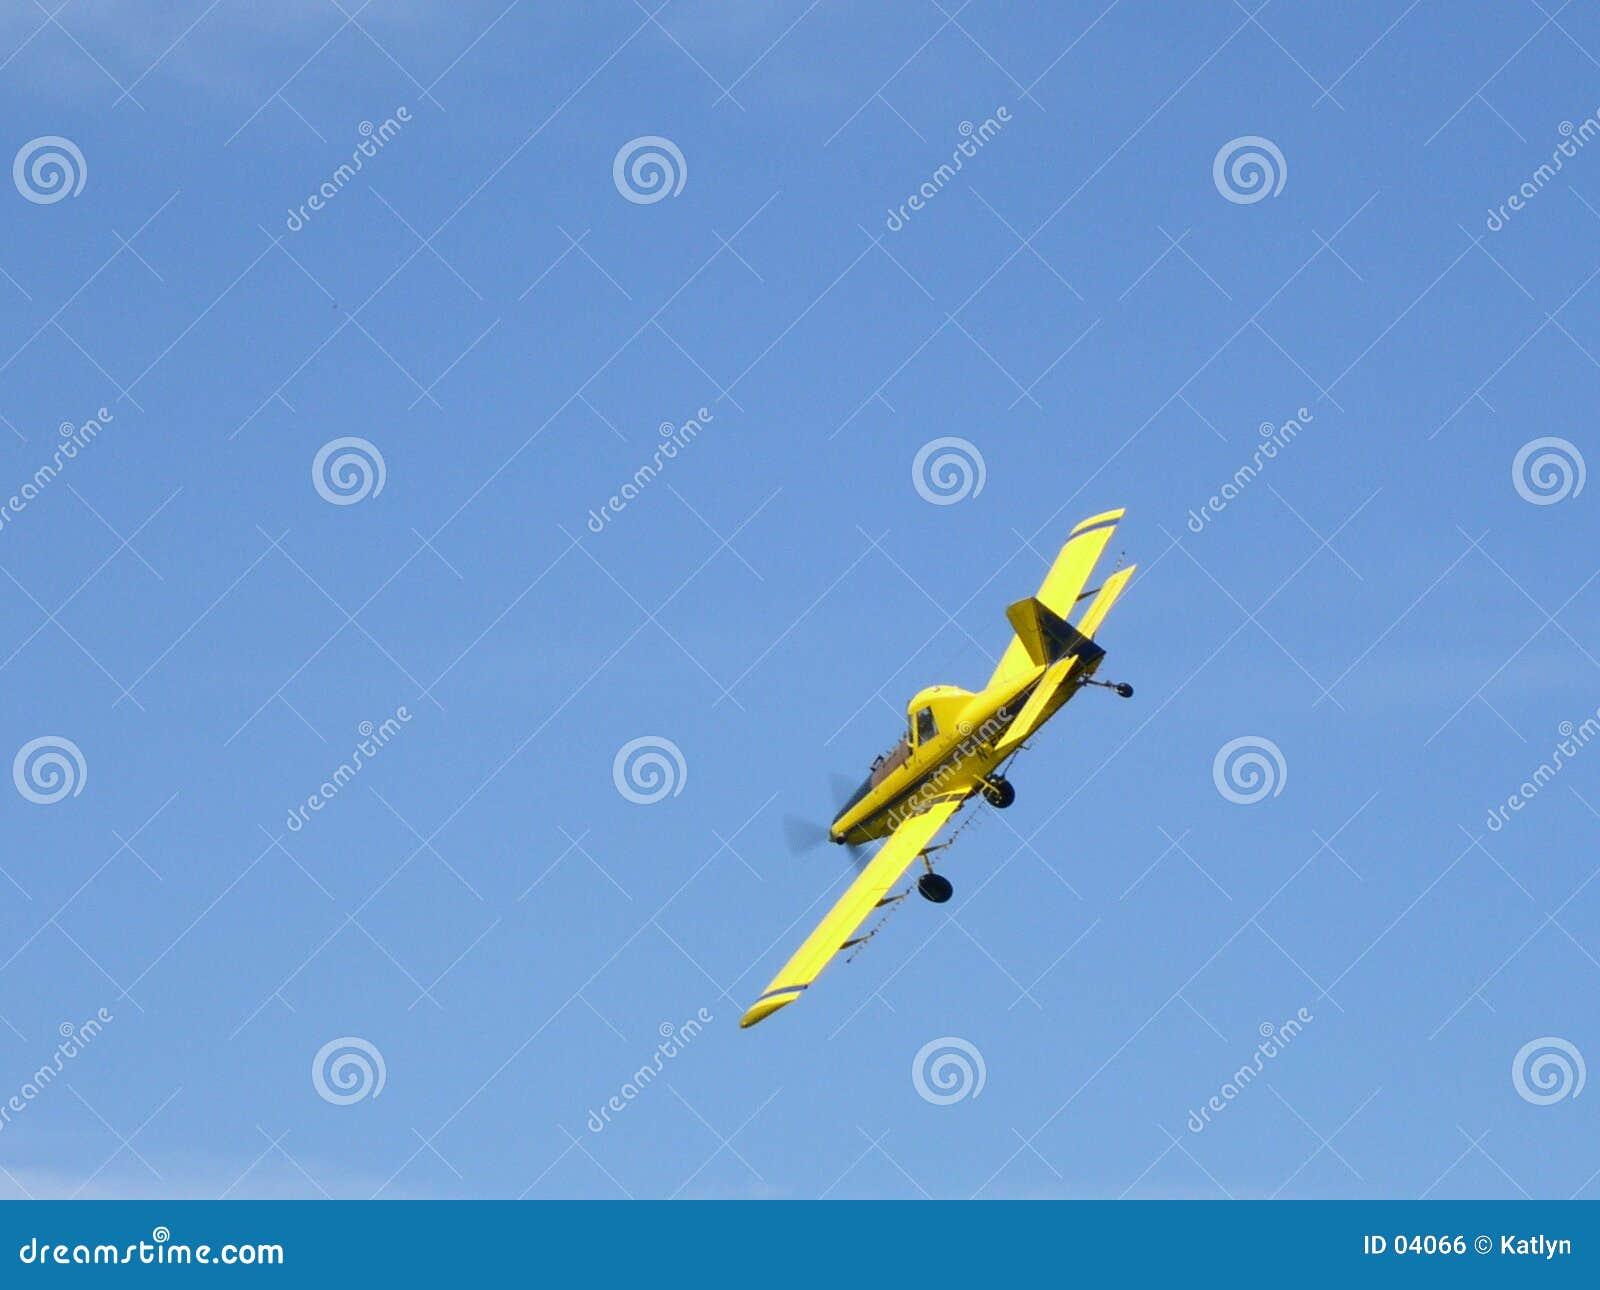 Getreide-Staubtuch - Flugzeug